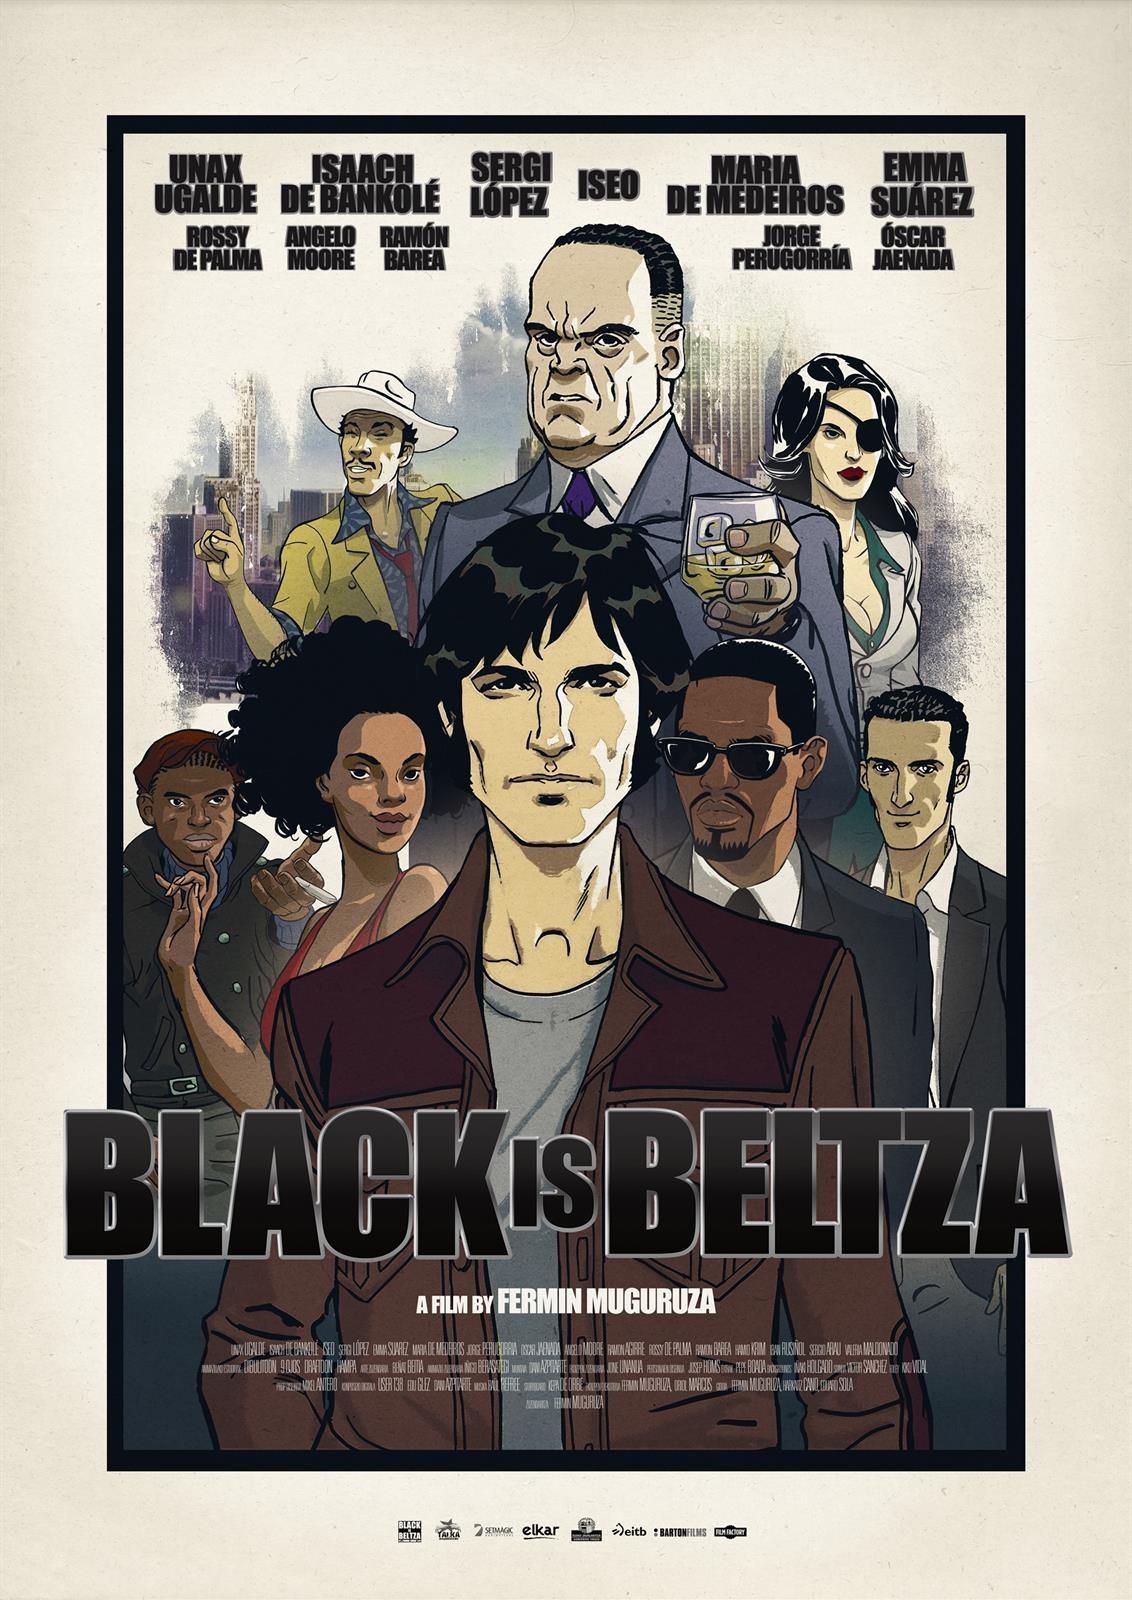 black is beltza_fermin_Muguruza